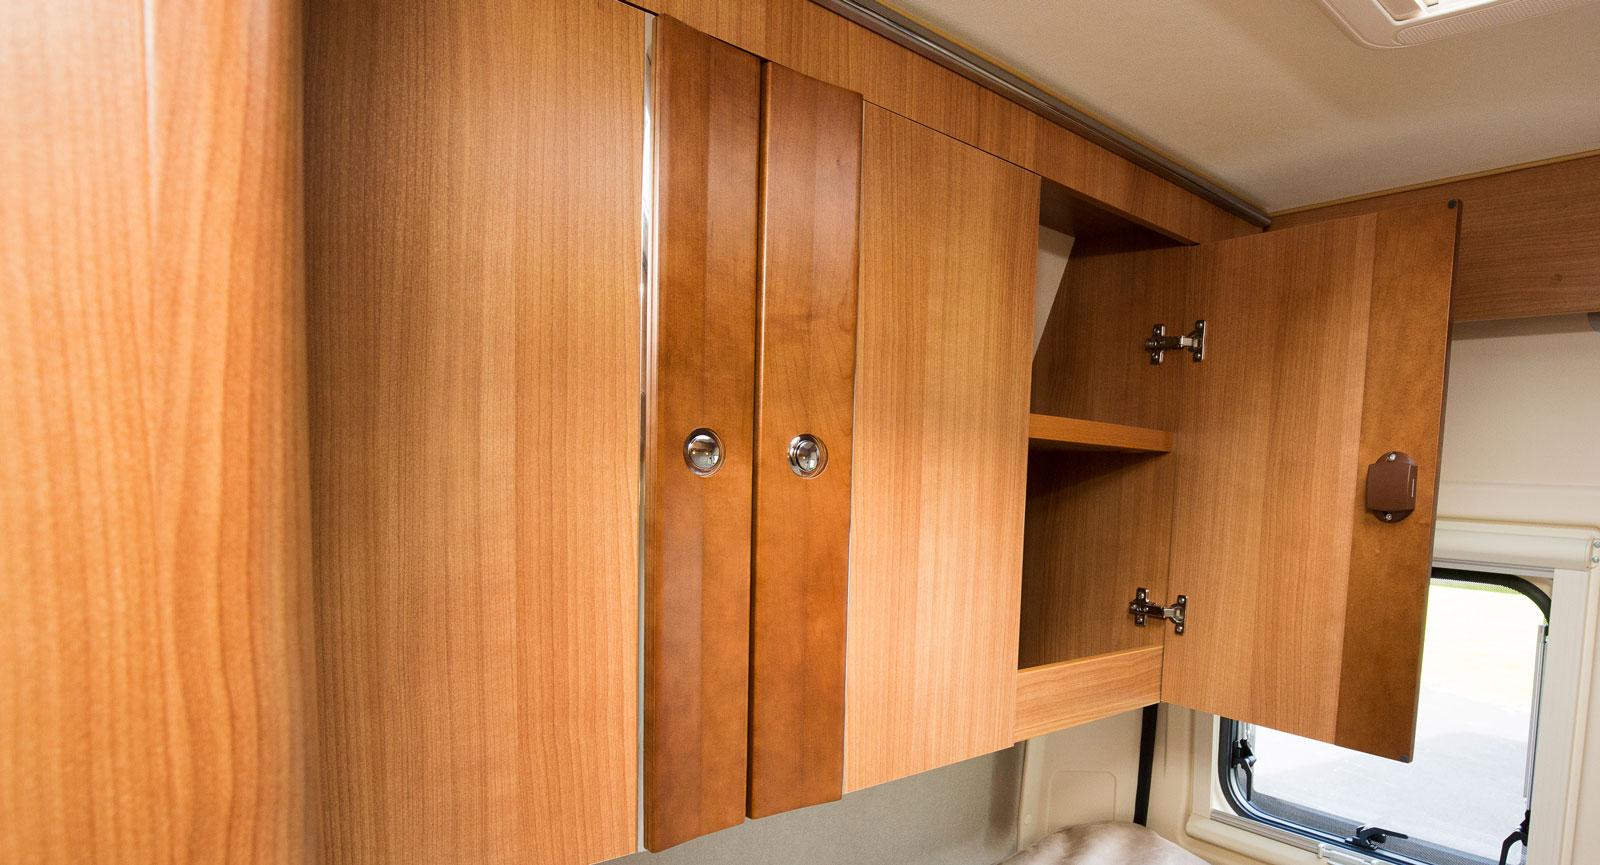 XL-Överskåp  ovanför ena sängkantern är en ganska ovanlig syn som möjliggörs av det faktum att det inte finns sidofönster.